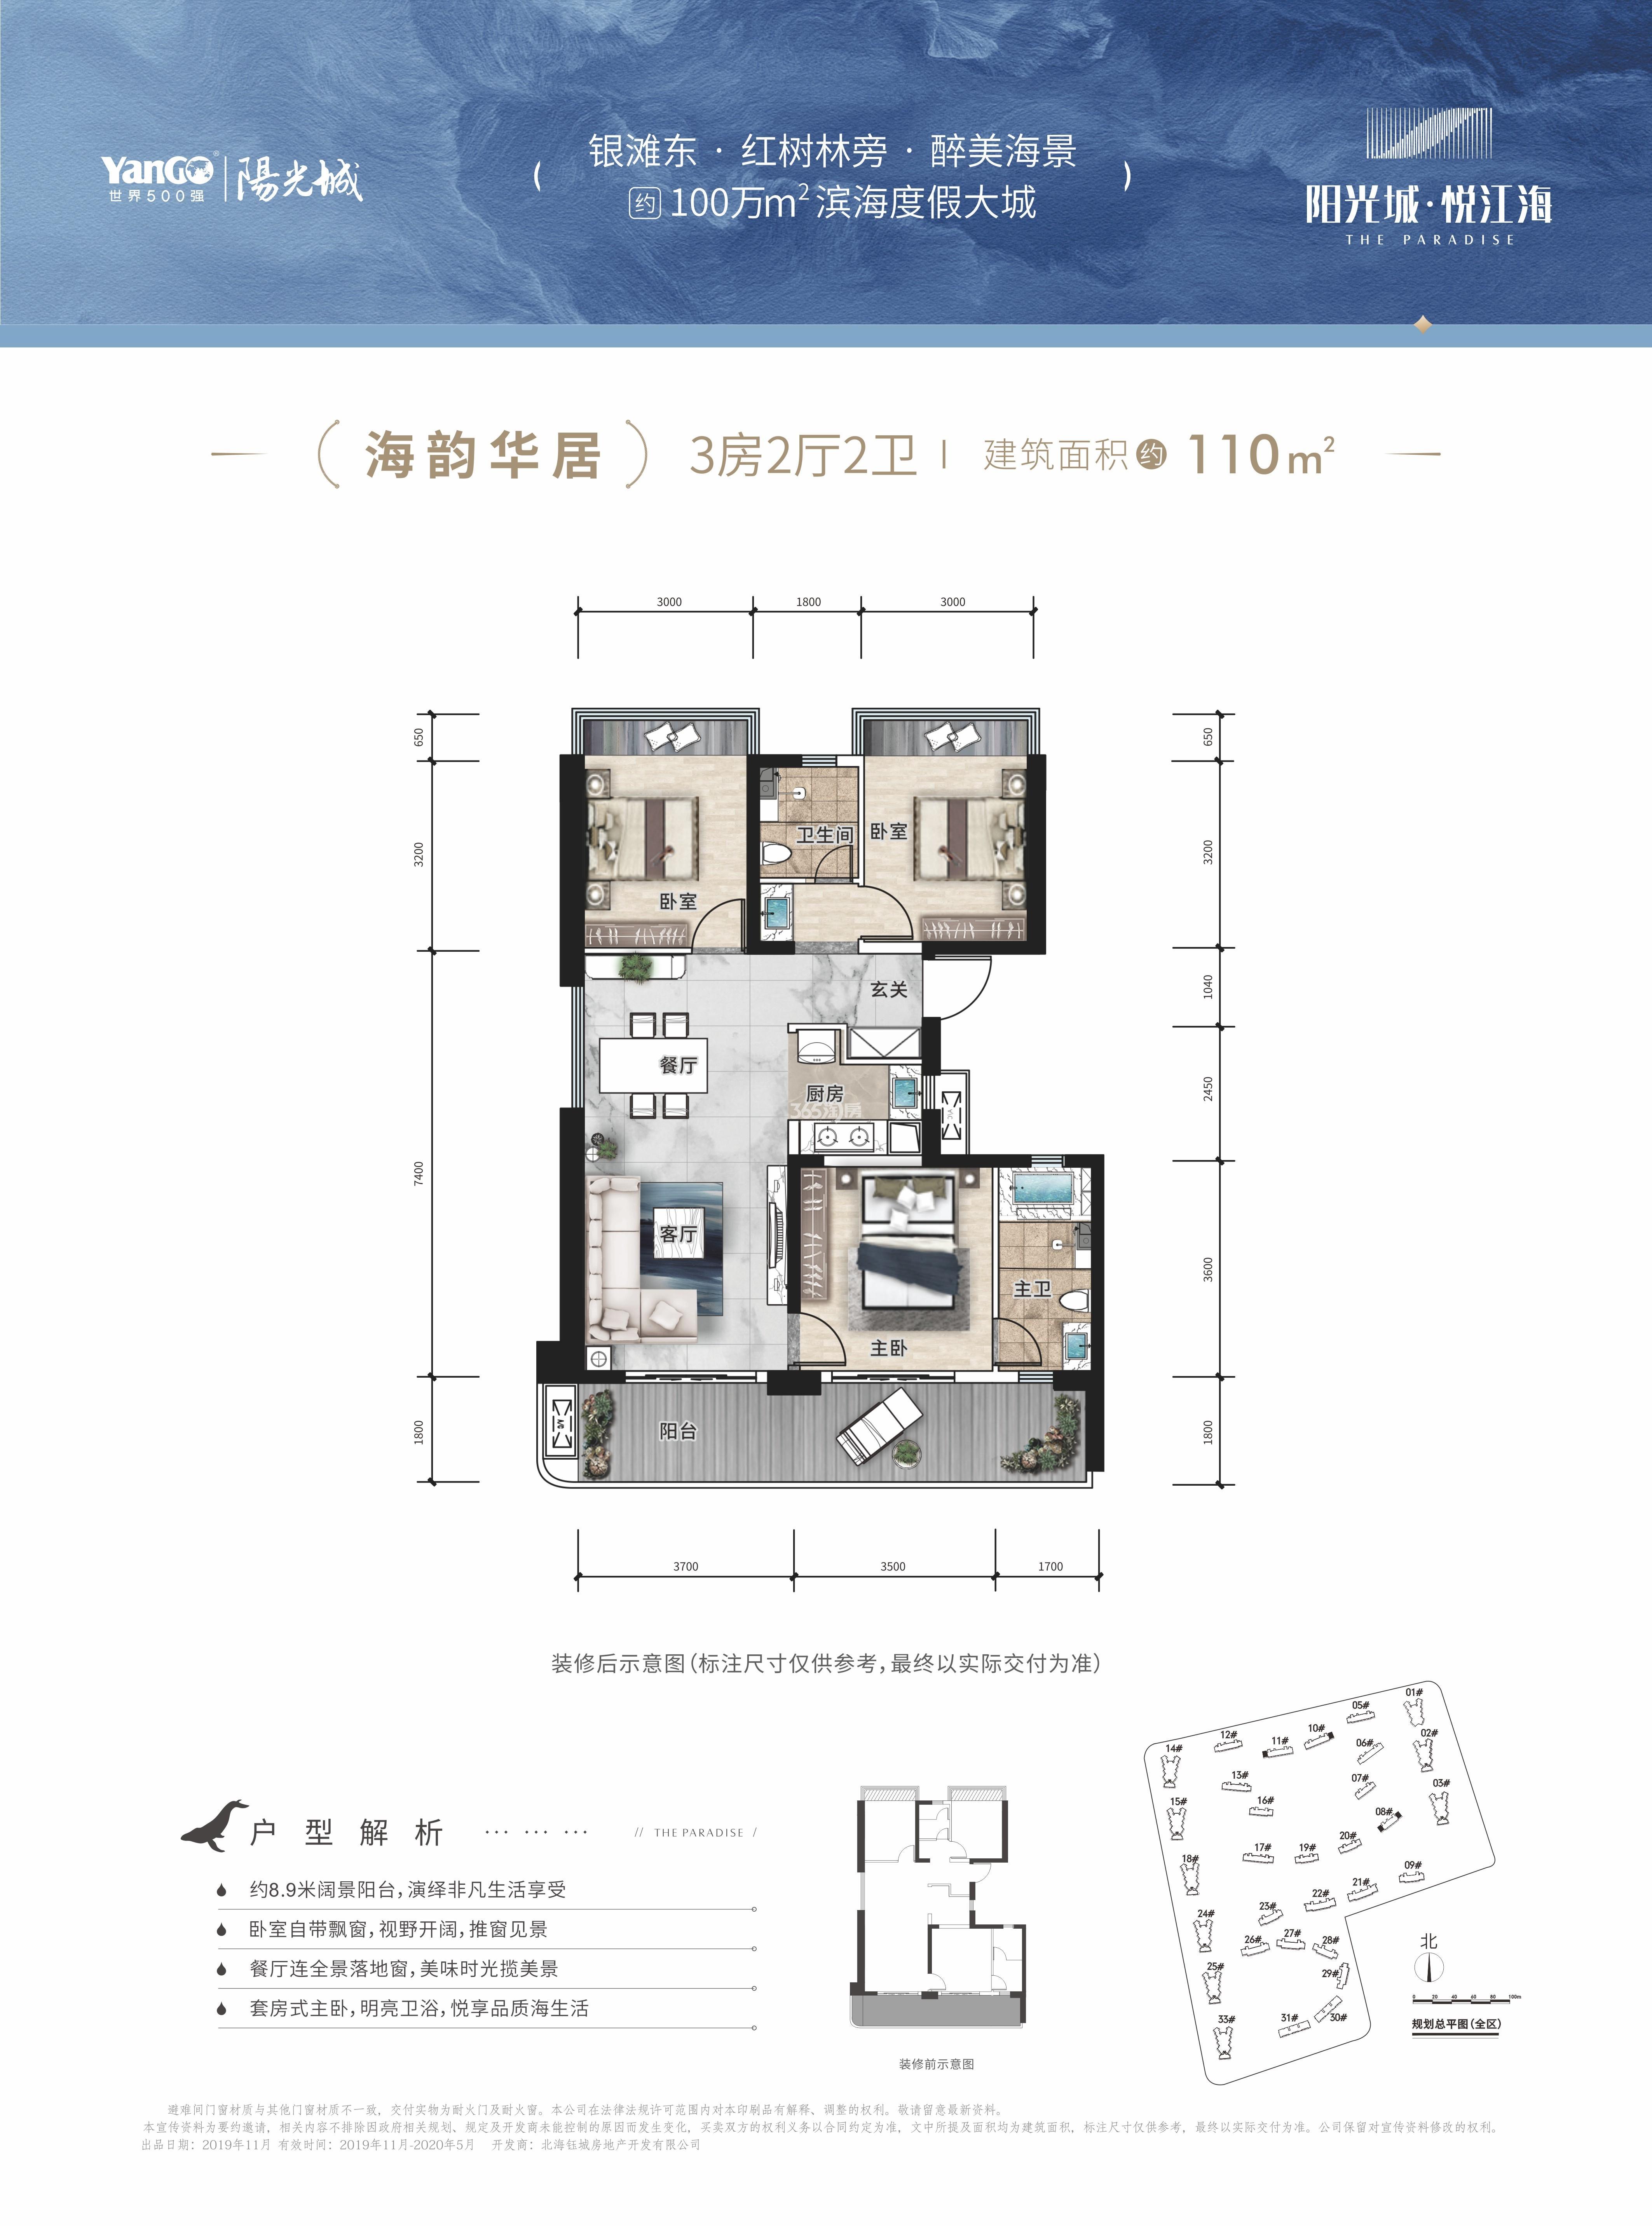 3室2厅2卫 110m2